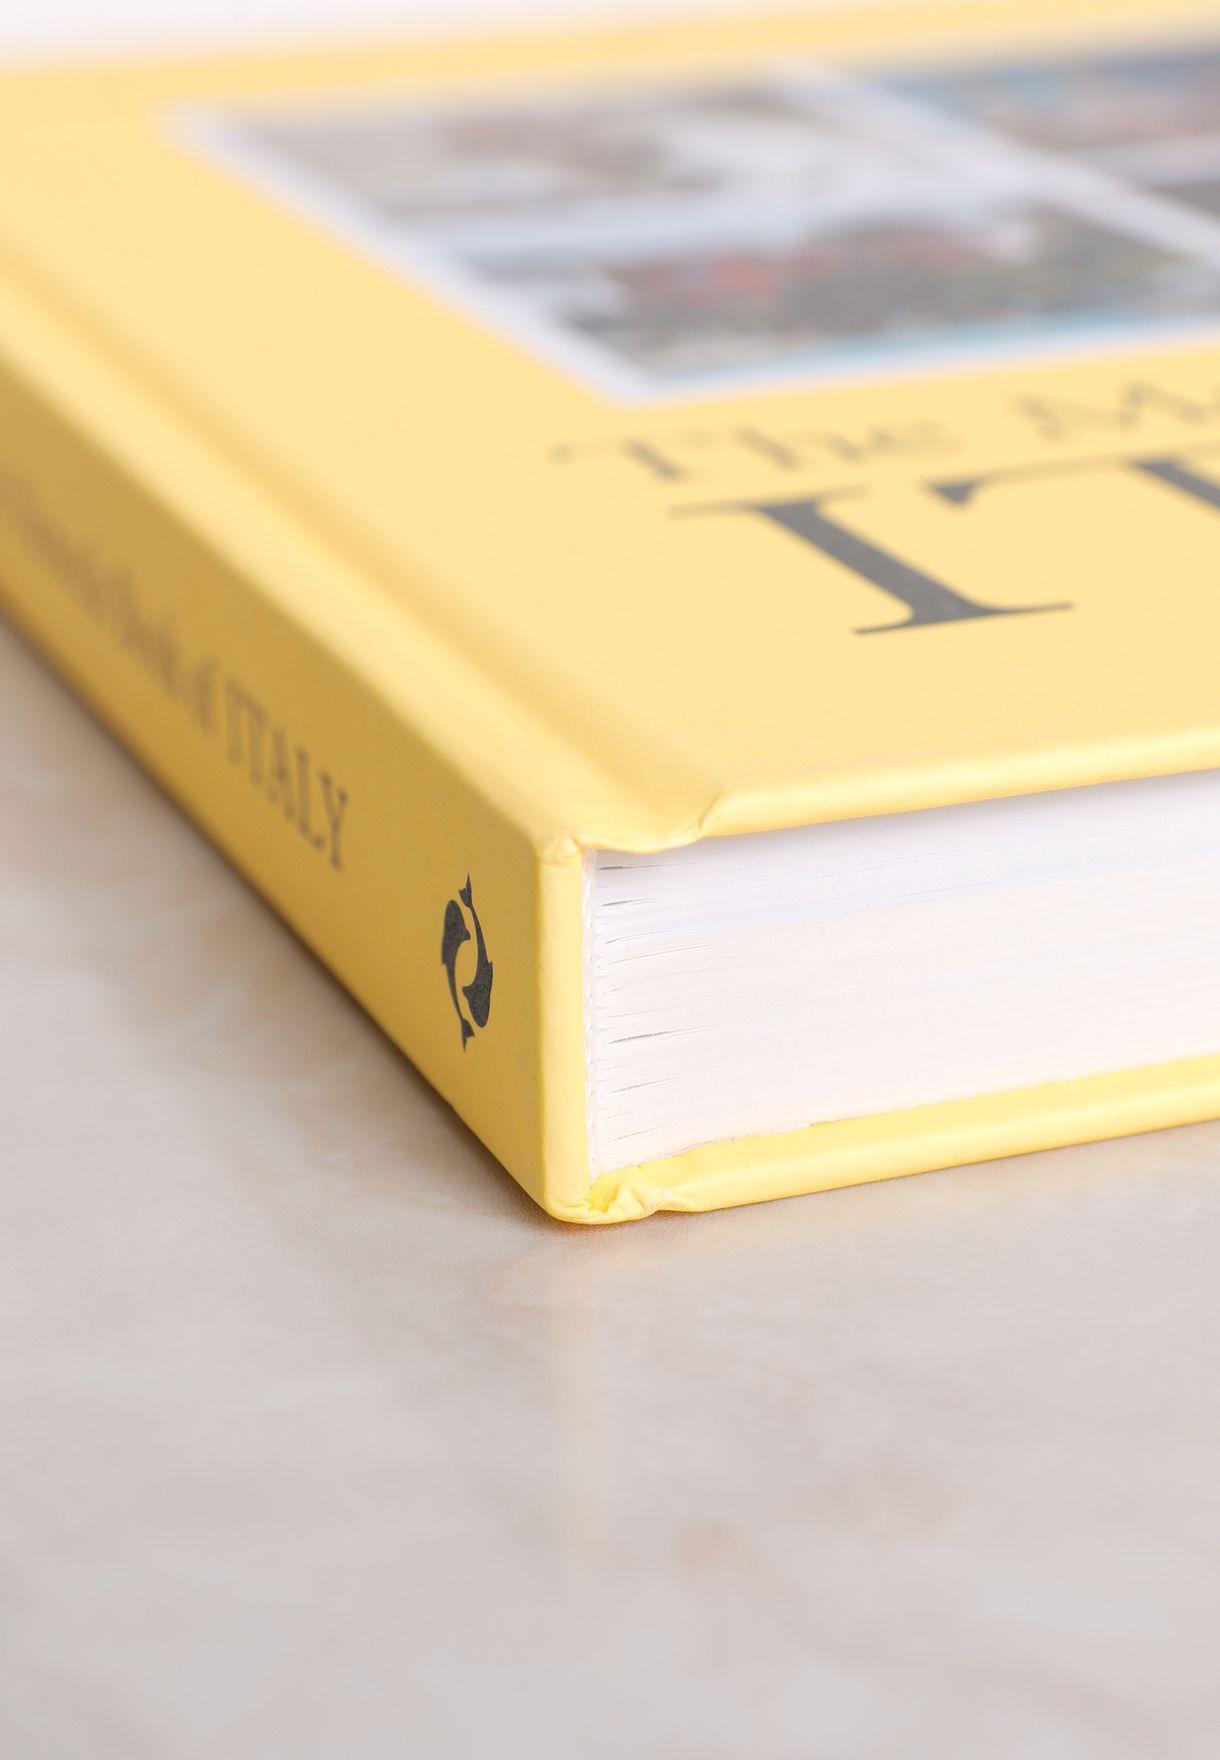 كتاب ذا مونوكل بوك اوف ايتالي